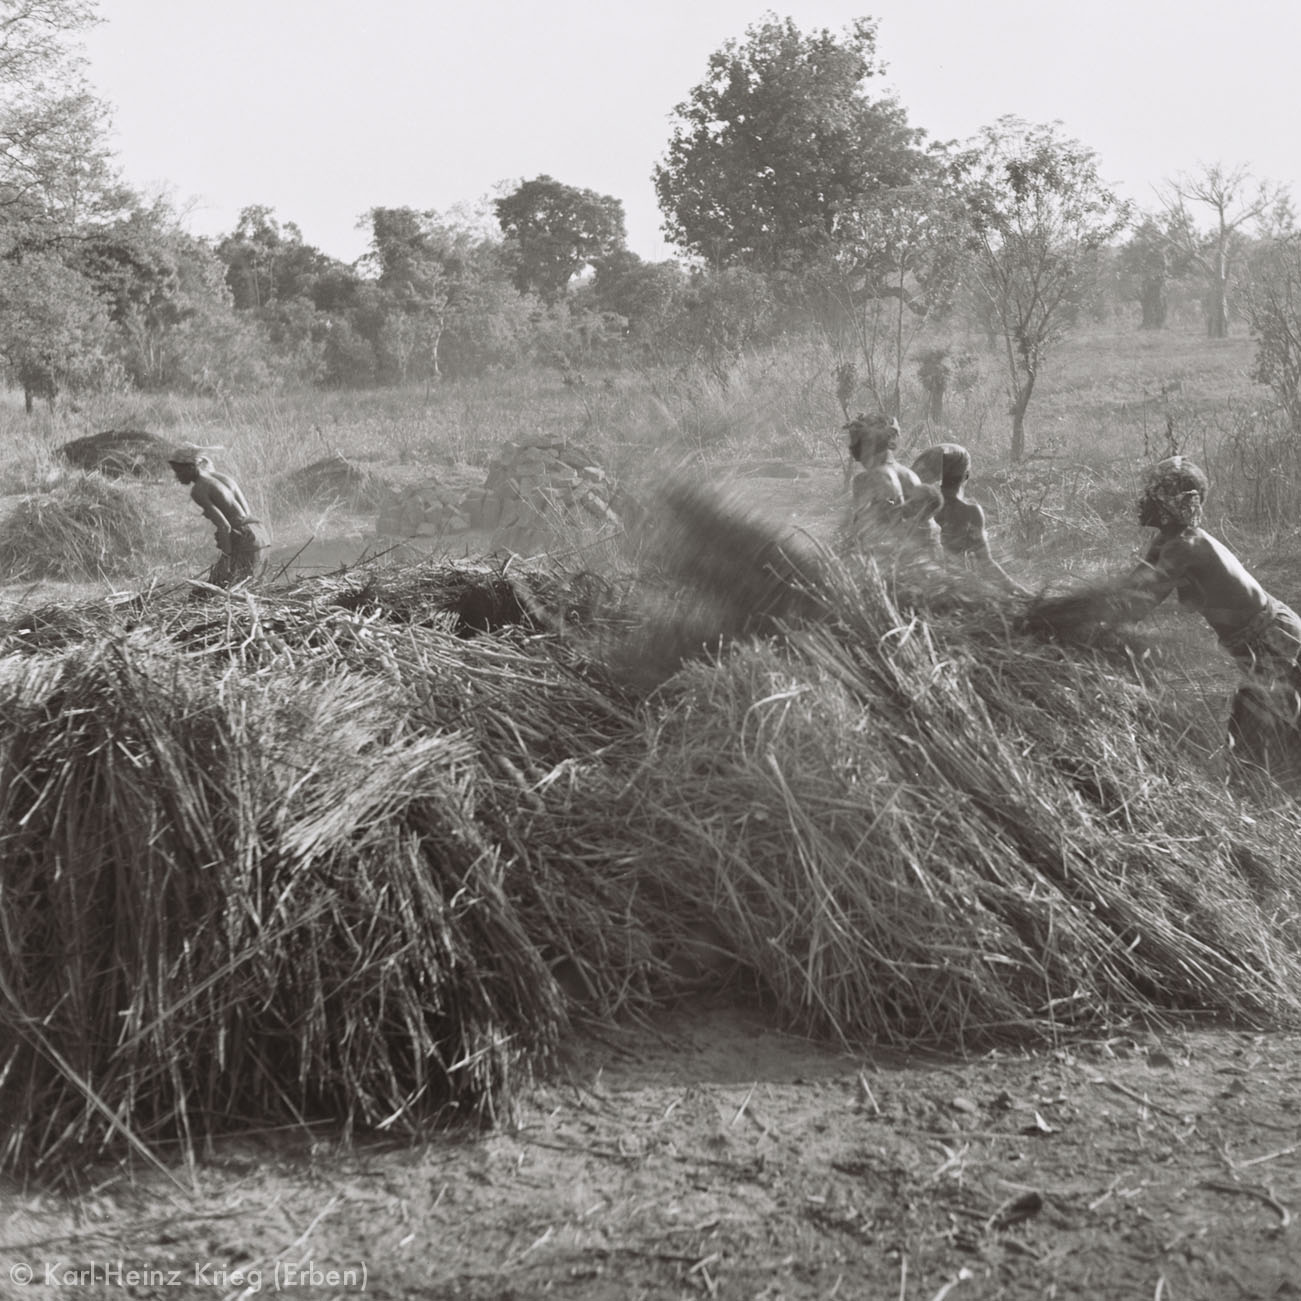 Töpfe werden zum Brennen mit Gras bedeckt. Foto: Karl-Heinz Krieg, Gbon (Region von Boundiali, Côte d'Ivoire), 1977